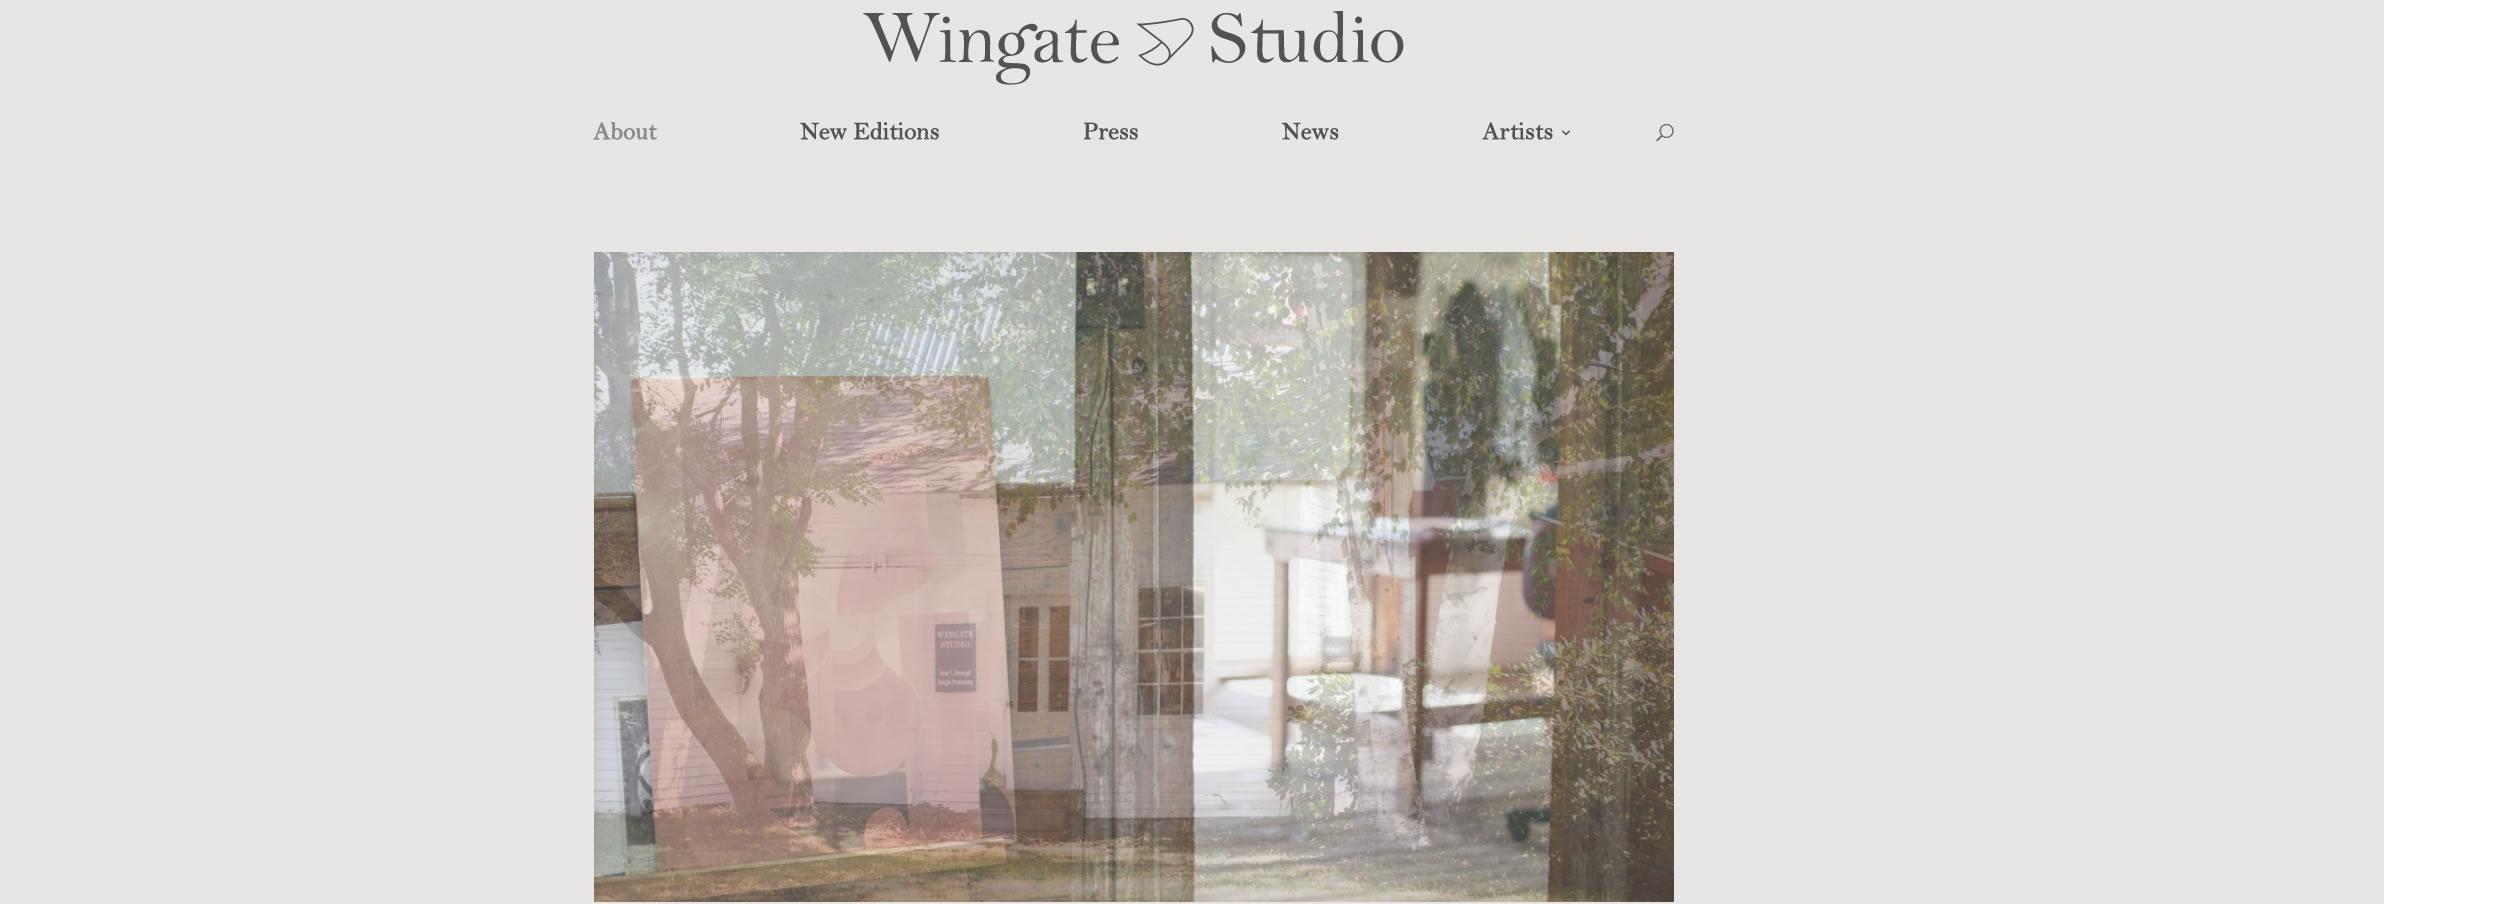 wingate_studio_galeria_de_gravura